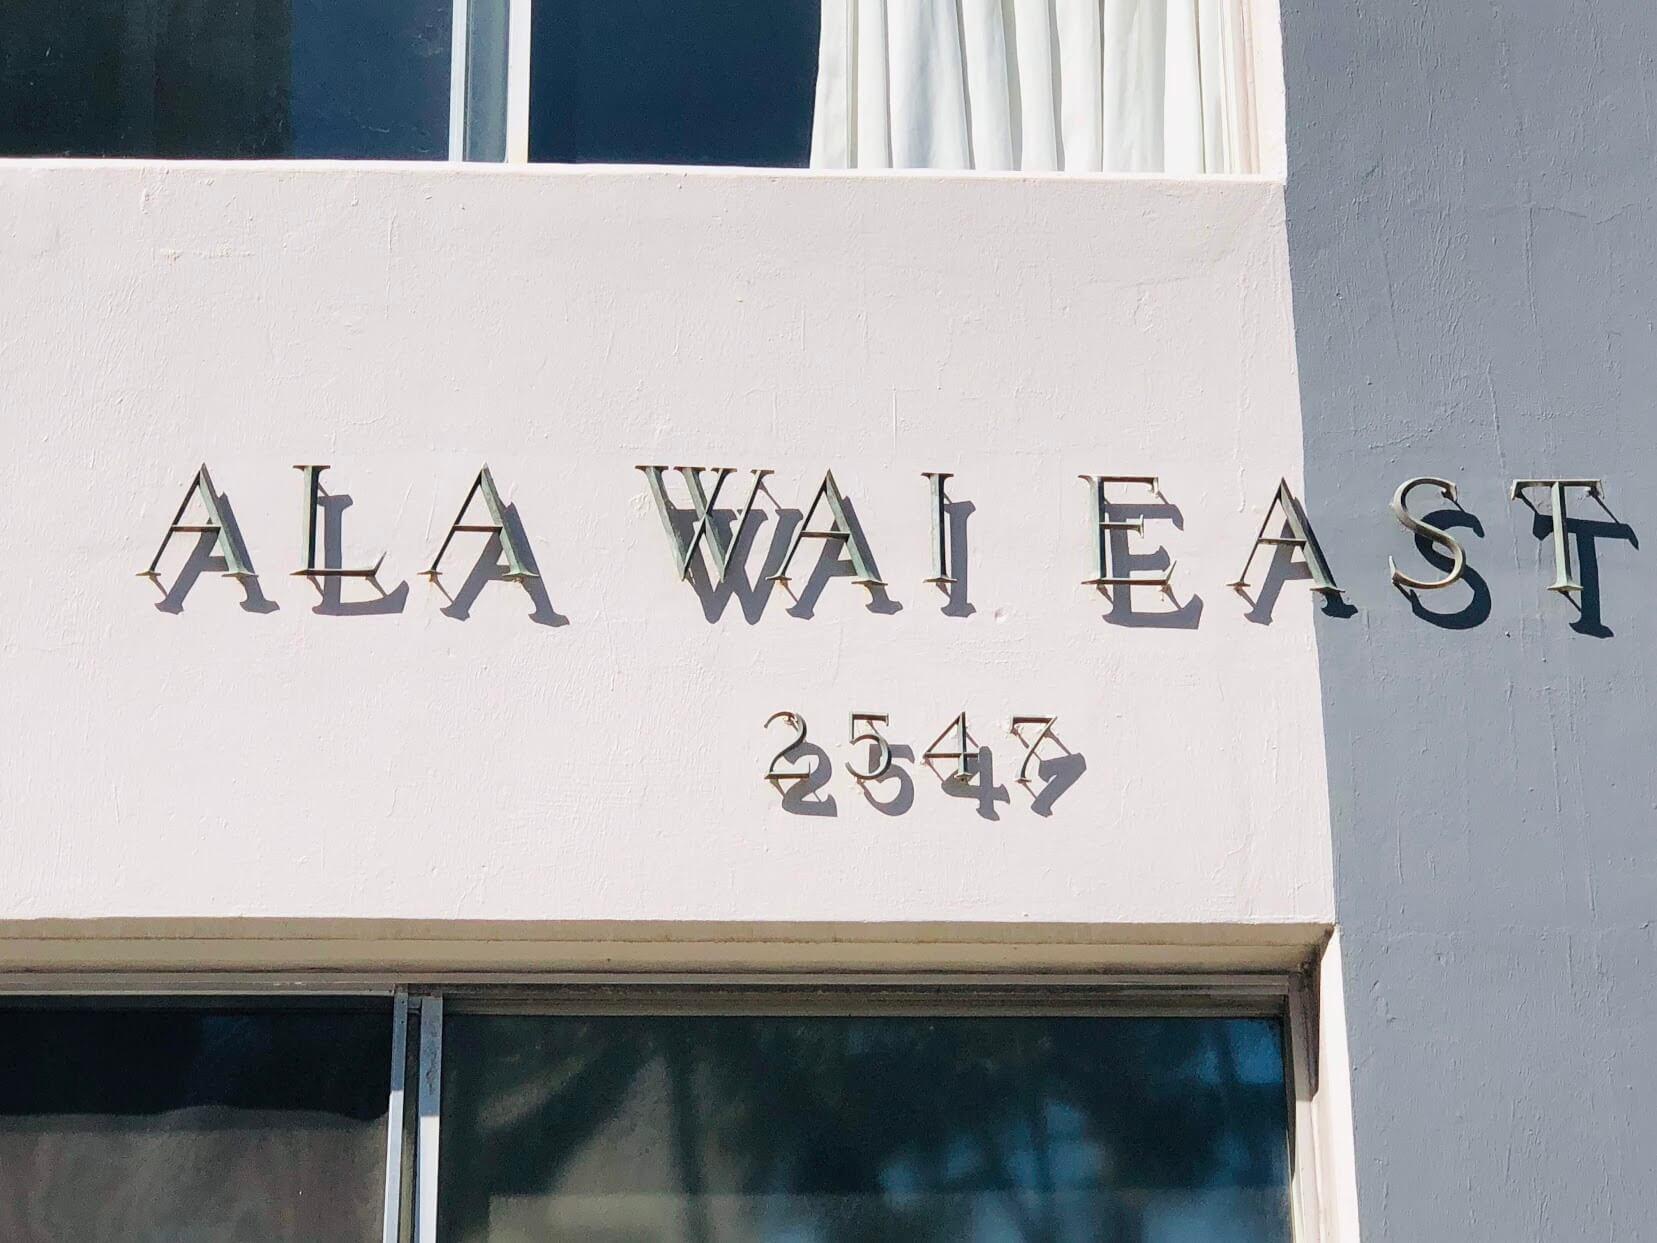 Ala Wai Eastの看板